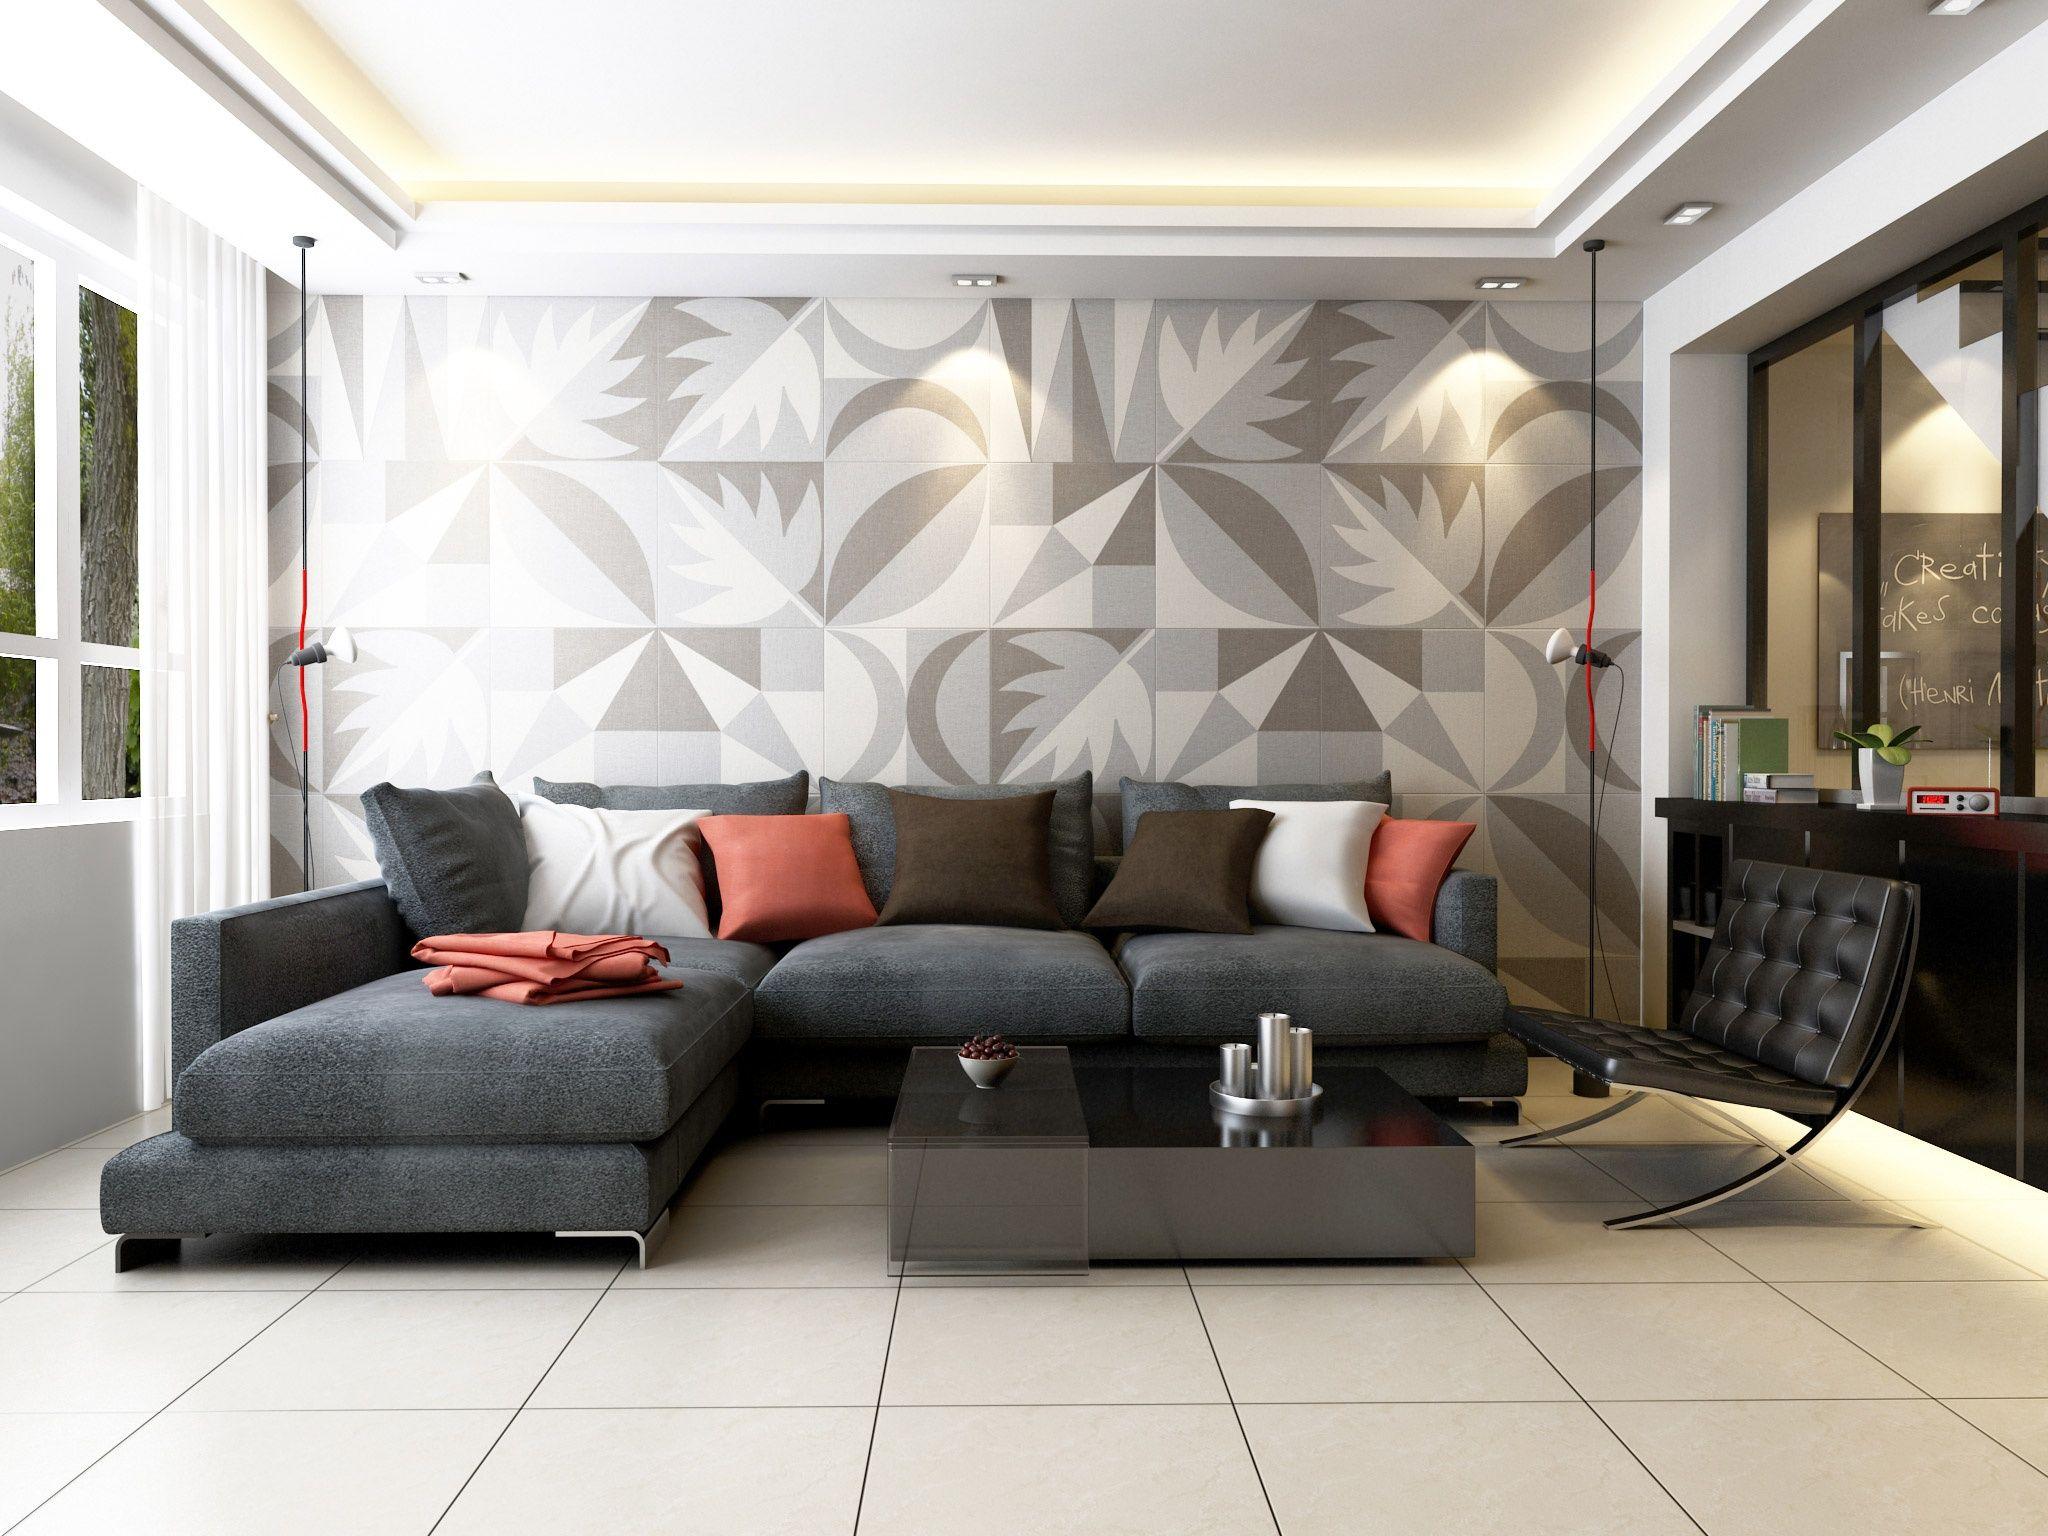 combinar colores claros y oscuros en la sala es un toque moderno sin restar calidez